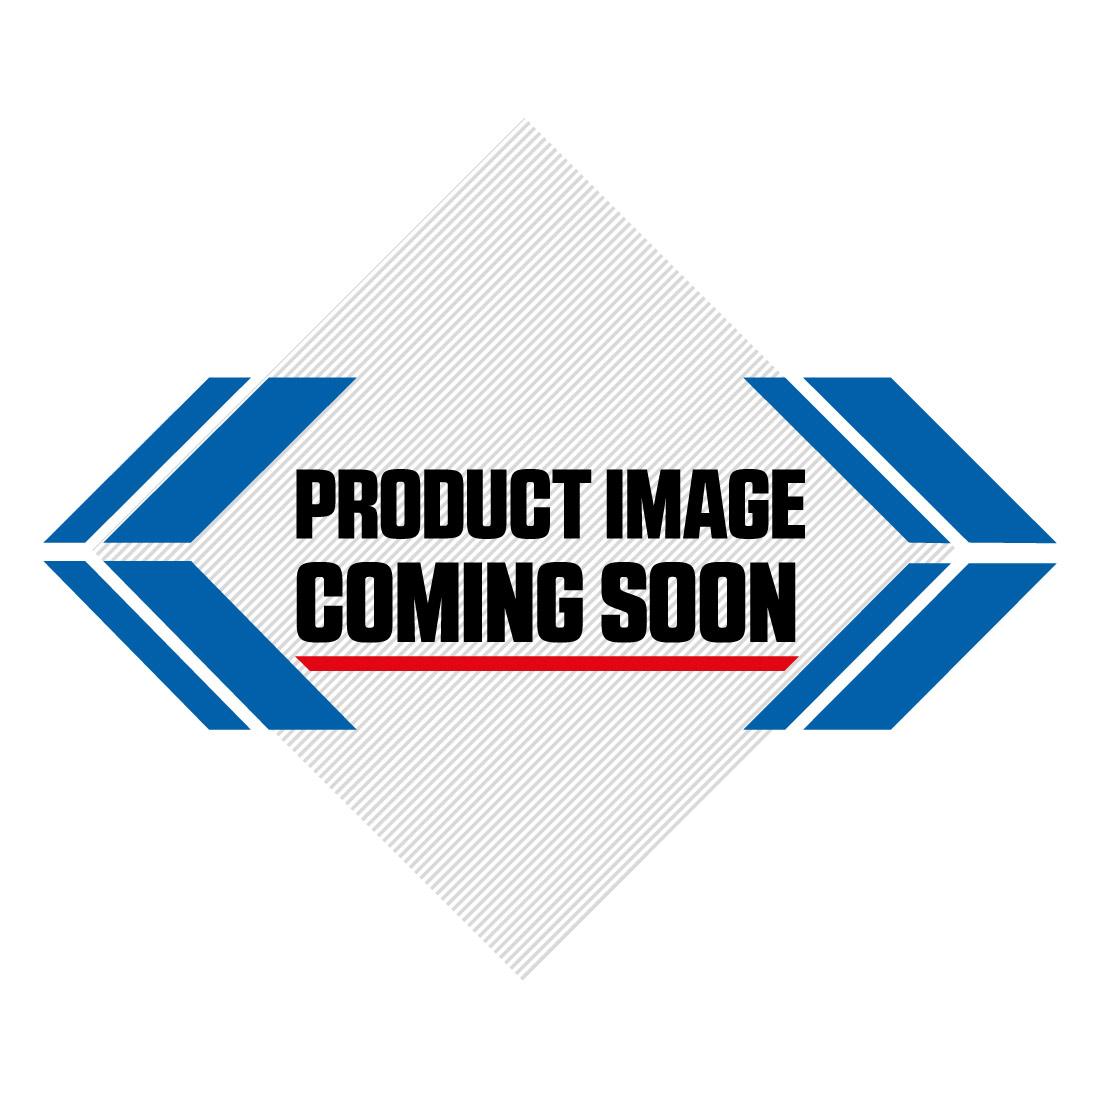 UFO Honda Plastic Kit CRF 110F (19-21) OEM Factory Image-2